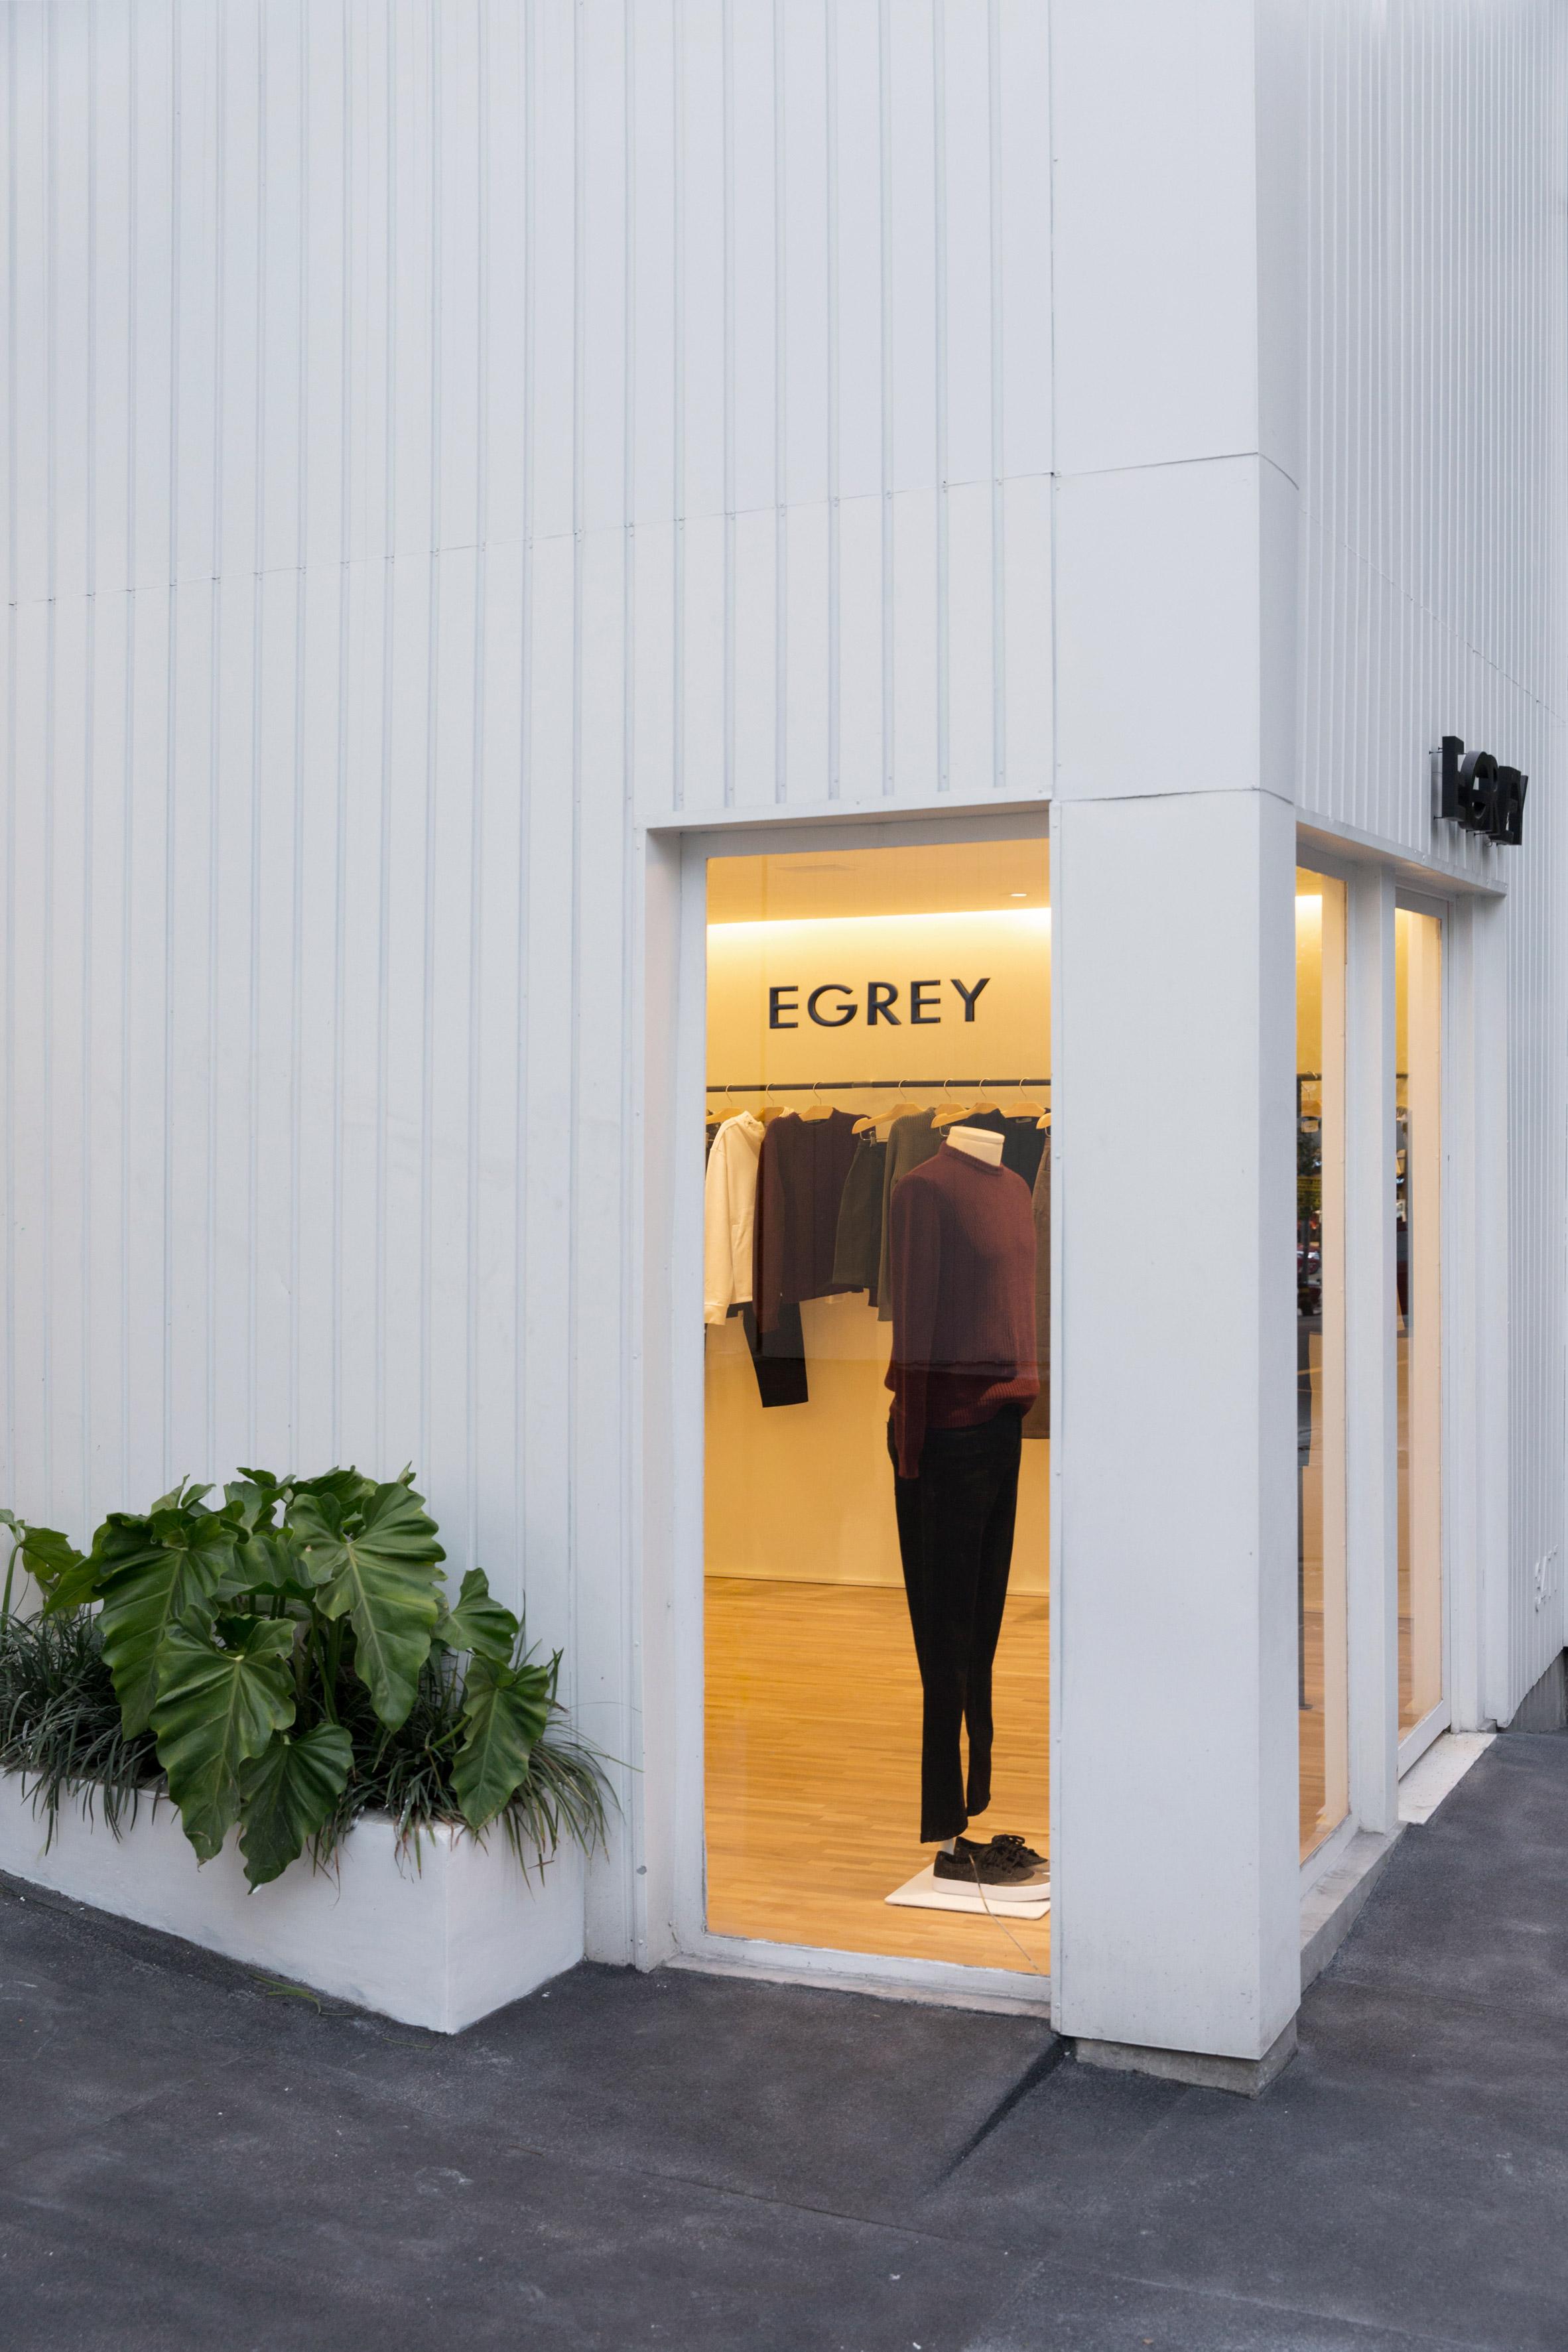 Egrey by MNMA Studio